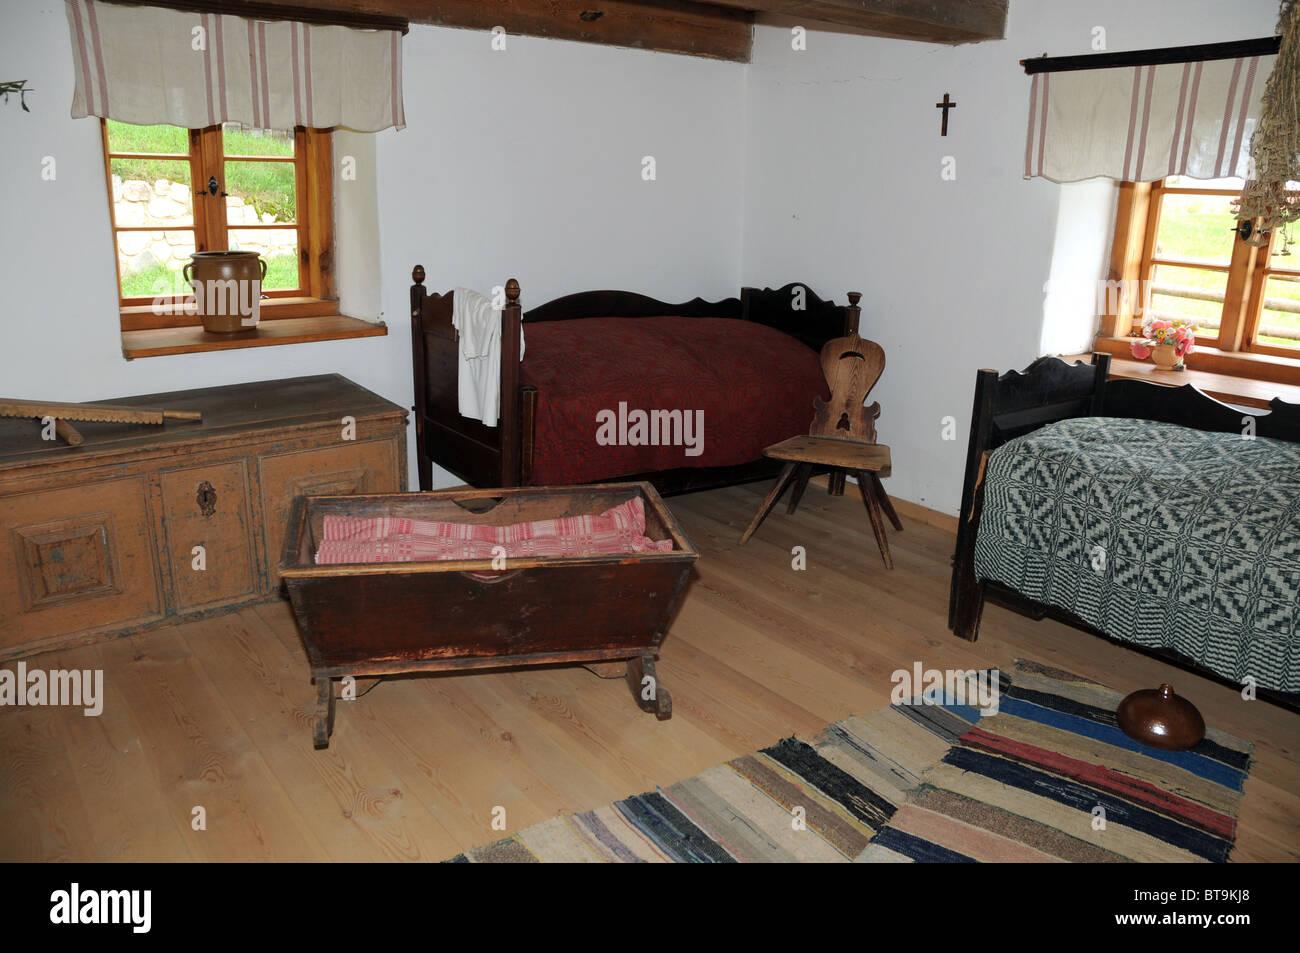 Schlafzimmer In Alte Holzhutte Masuren In Polen Stockfoto Bild